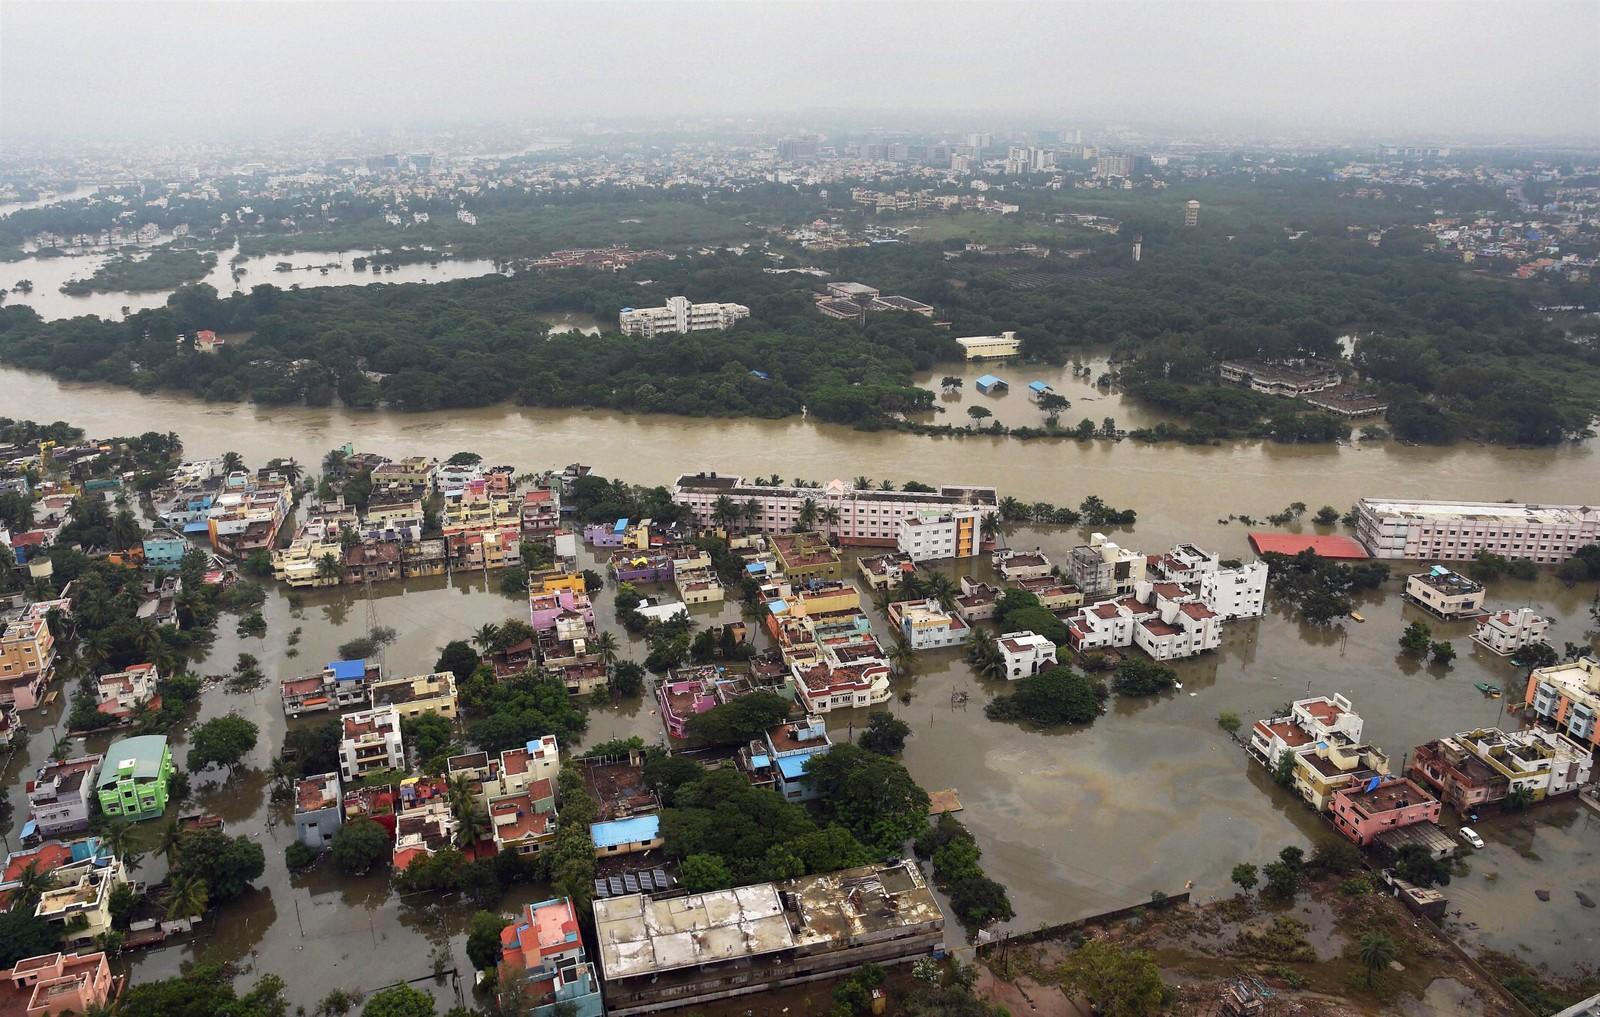 Oversiktsbilde over flomrammede Chennai 3. desember. Dette er det kraftigste regnfallet på hundre år i delstaten Tamil Nadu i India.